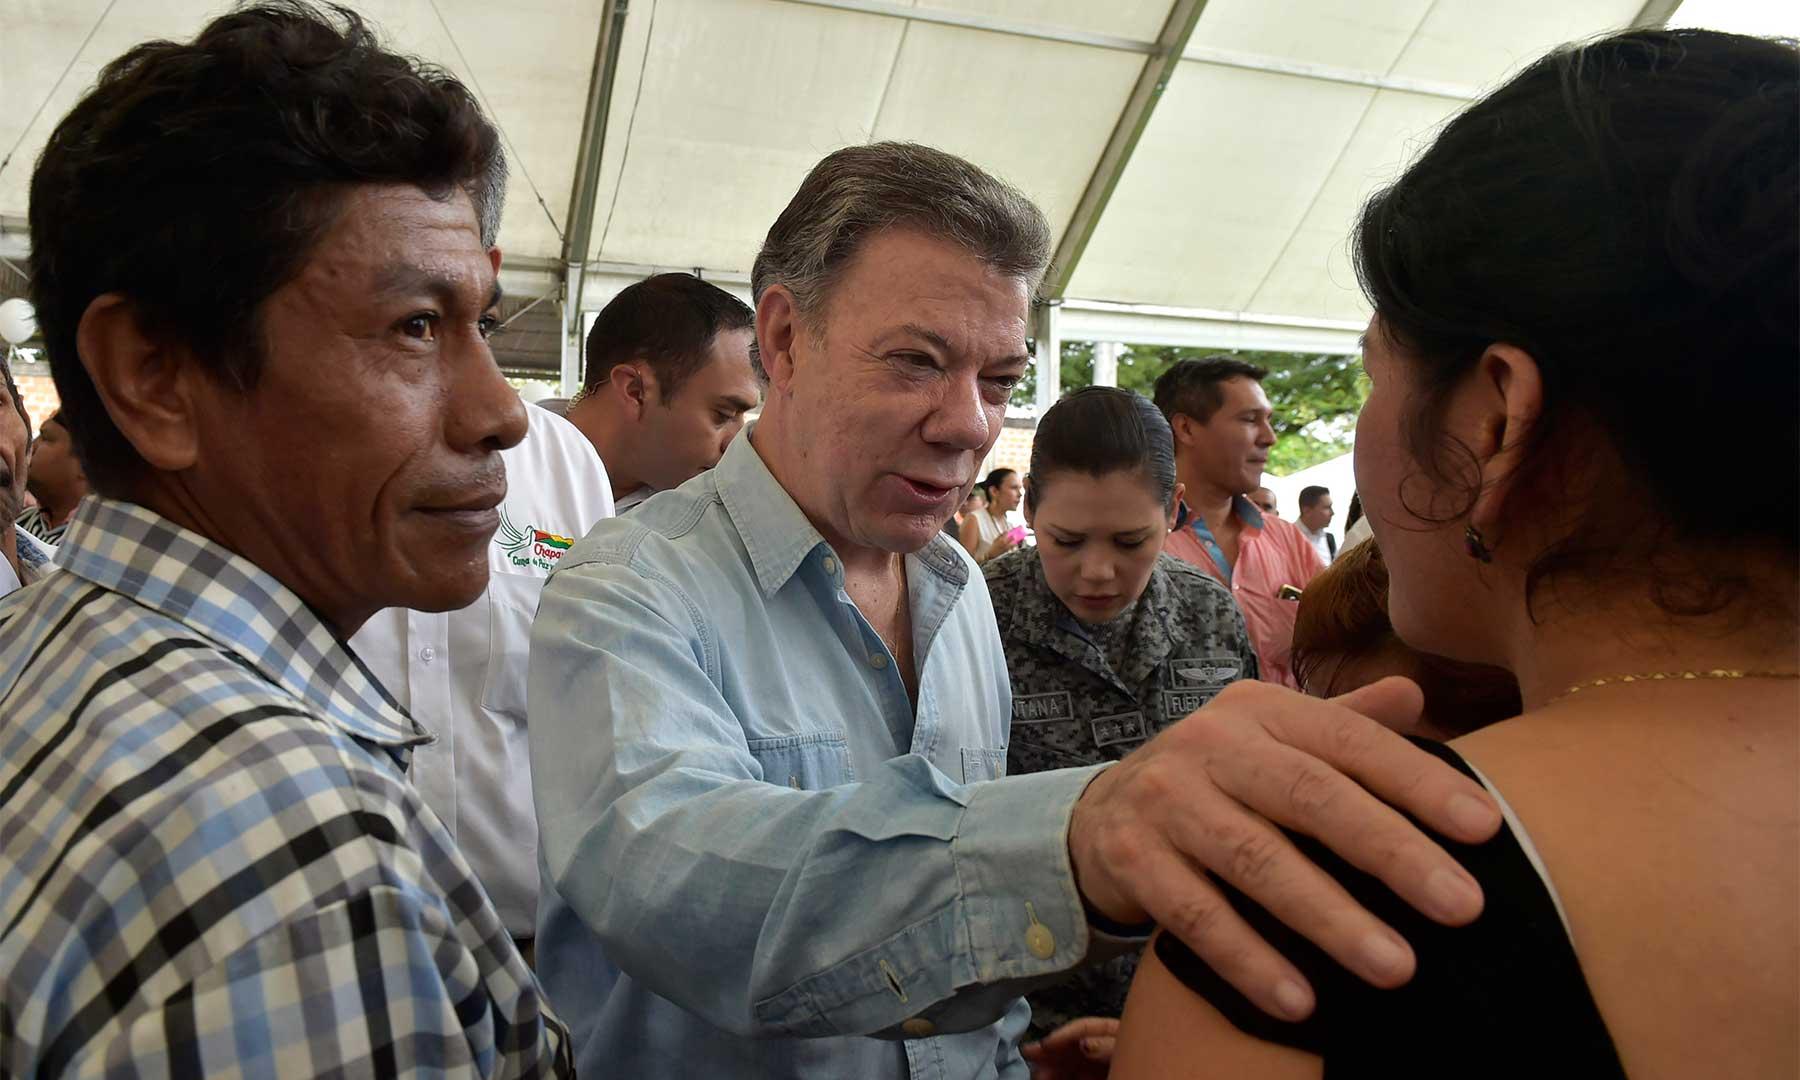 En el Instituto Manuel Murillo Toro, del municipio de Chaparral, fue recibido el Presidente Santos por los habitantes del sur del Tolima en el Día de las Víctimas.